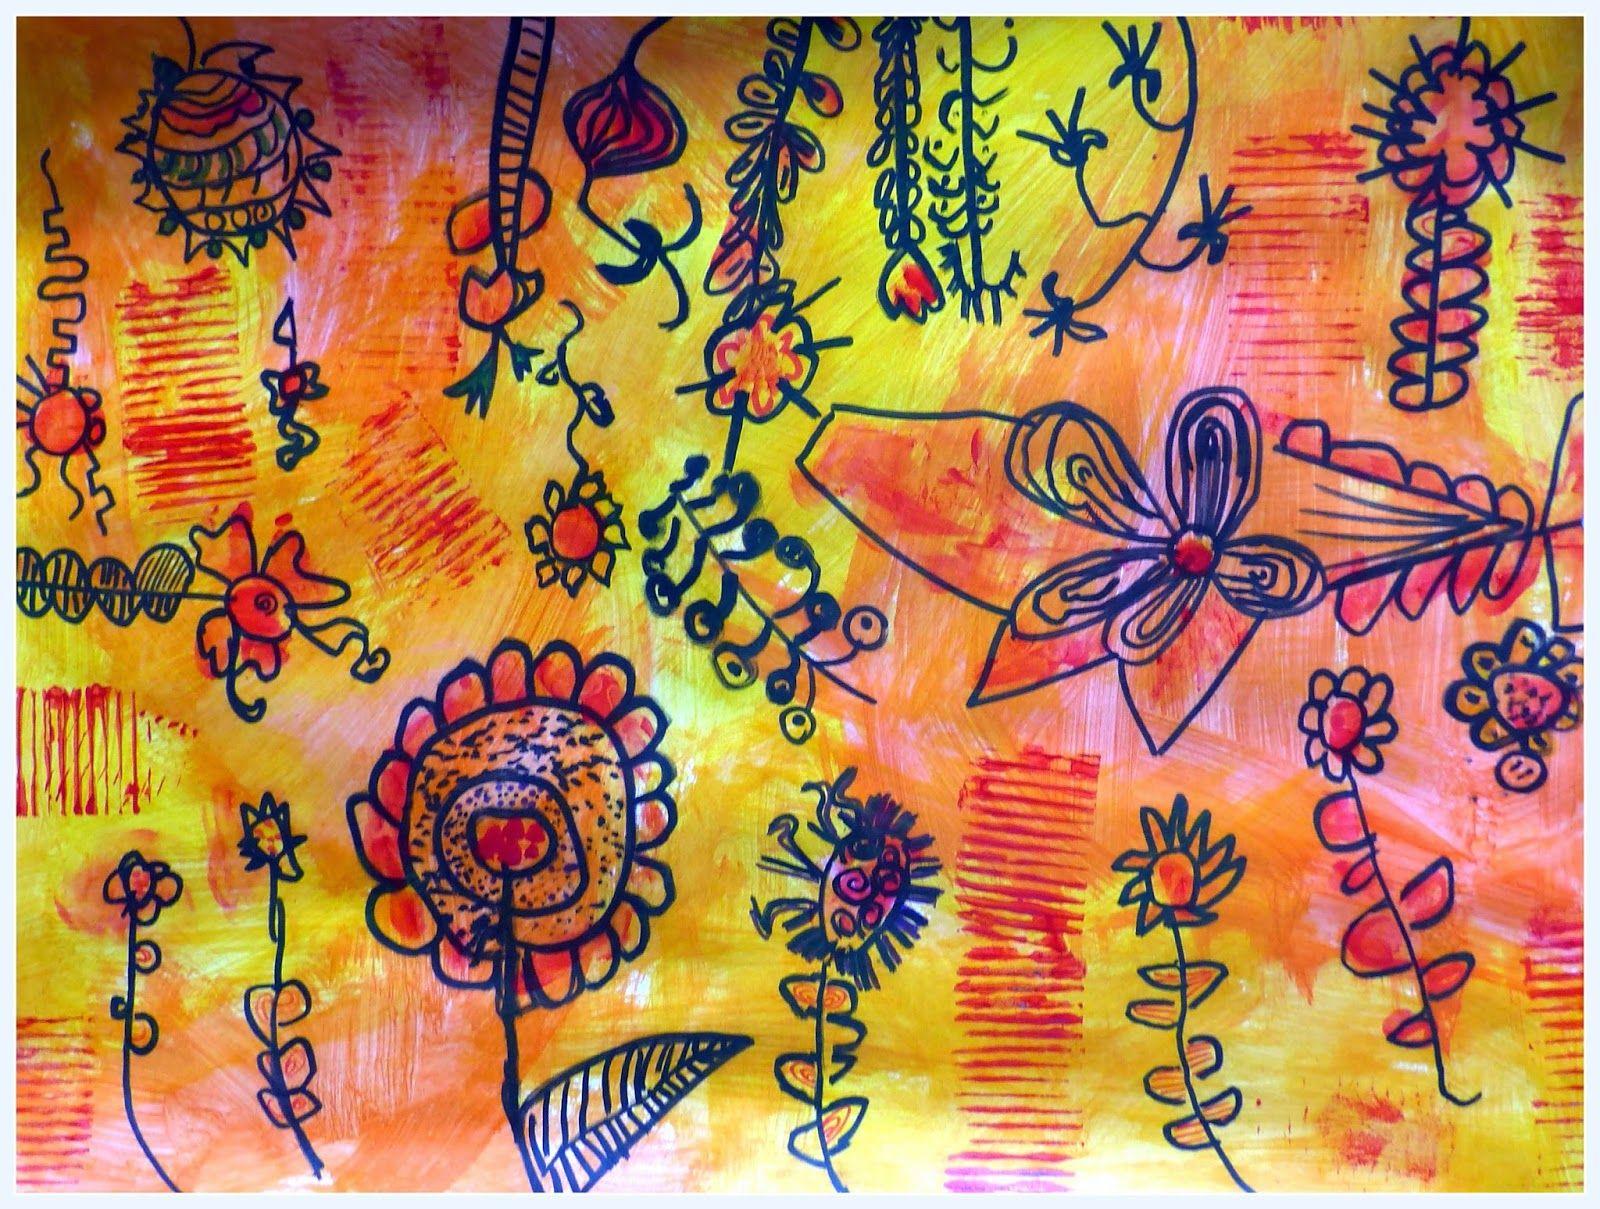 Fleurs du printemps en gs primavera pinterest fleurs - Fleurs printemps maternelle ...